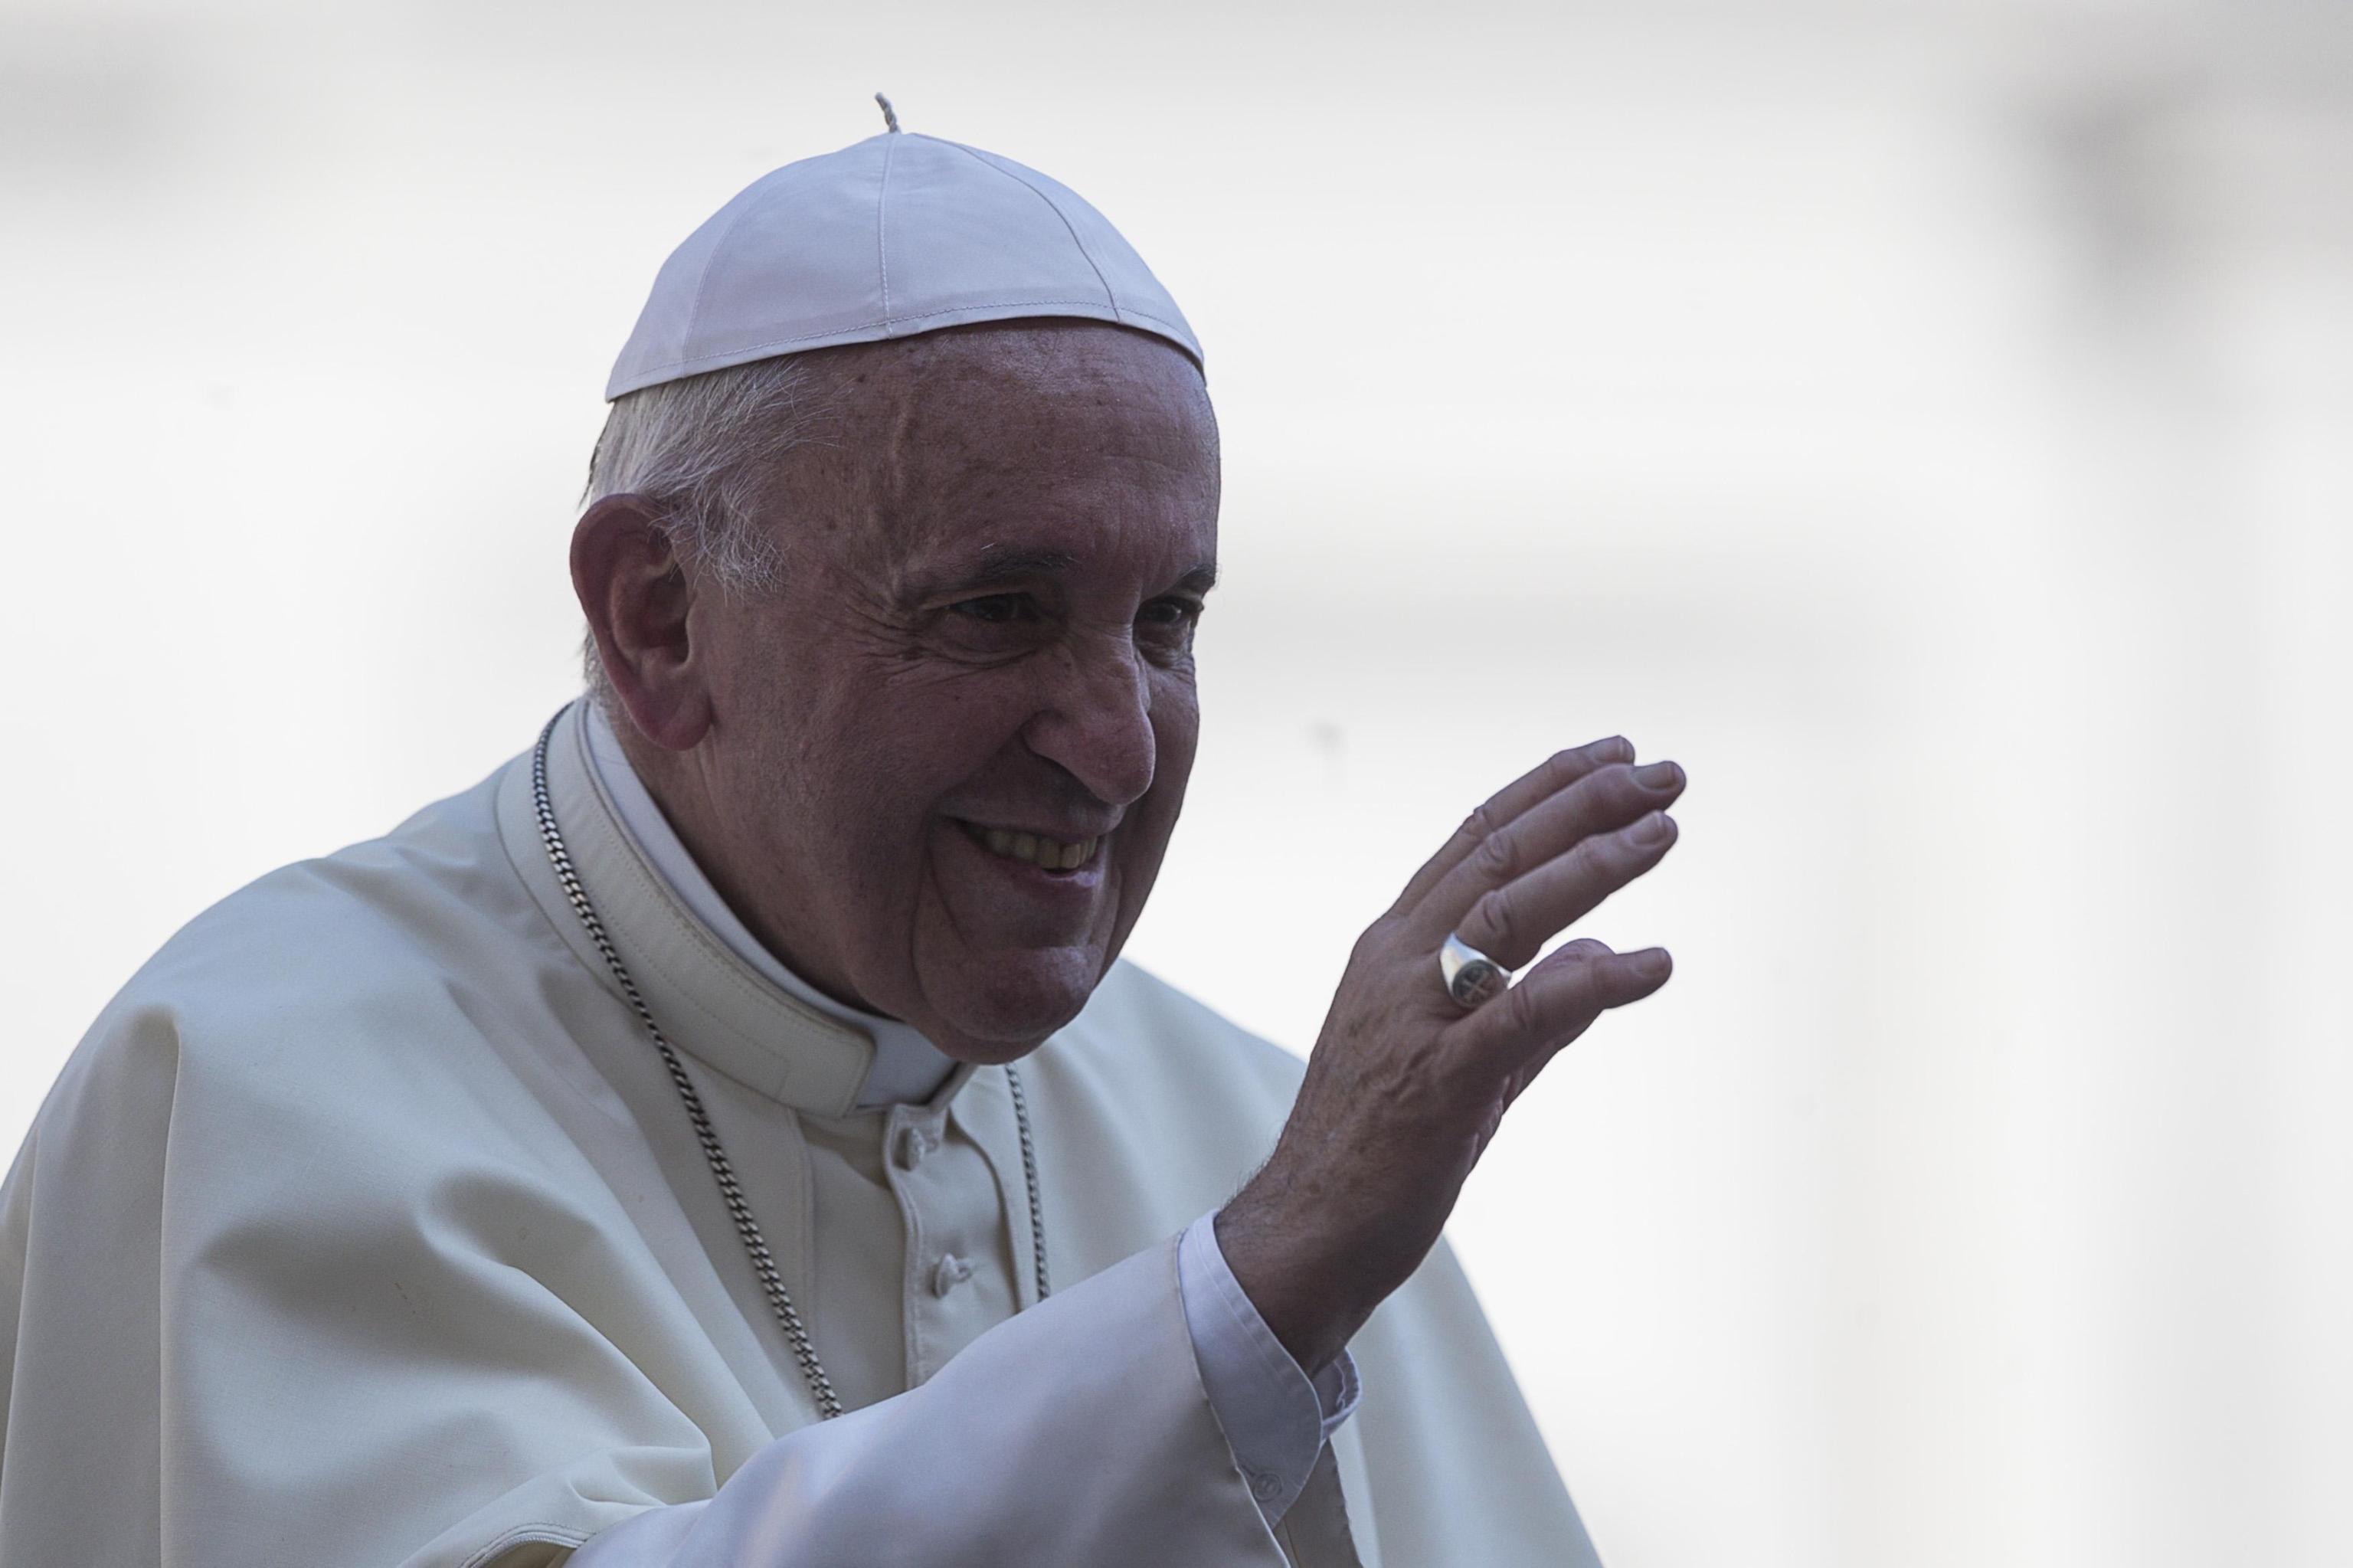 Coinvolti da indagini su abusi, Papa Francesco rimuove due vescovi cileni